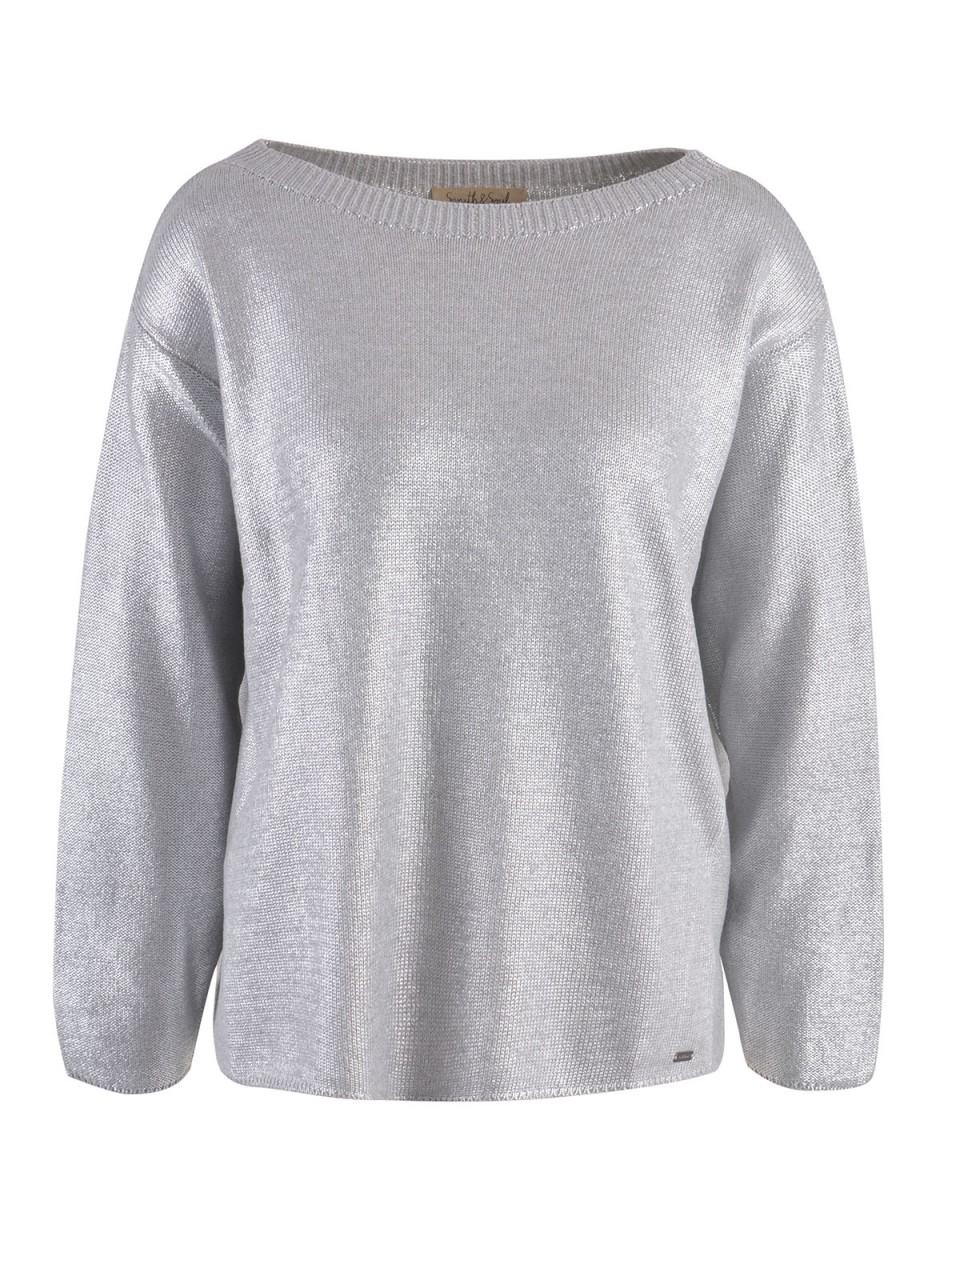 01f741db5762 SHOWROOM   Oberteile   Damenmode   Shirts   Pullover für Frauen...